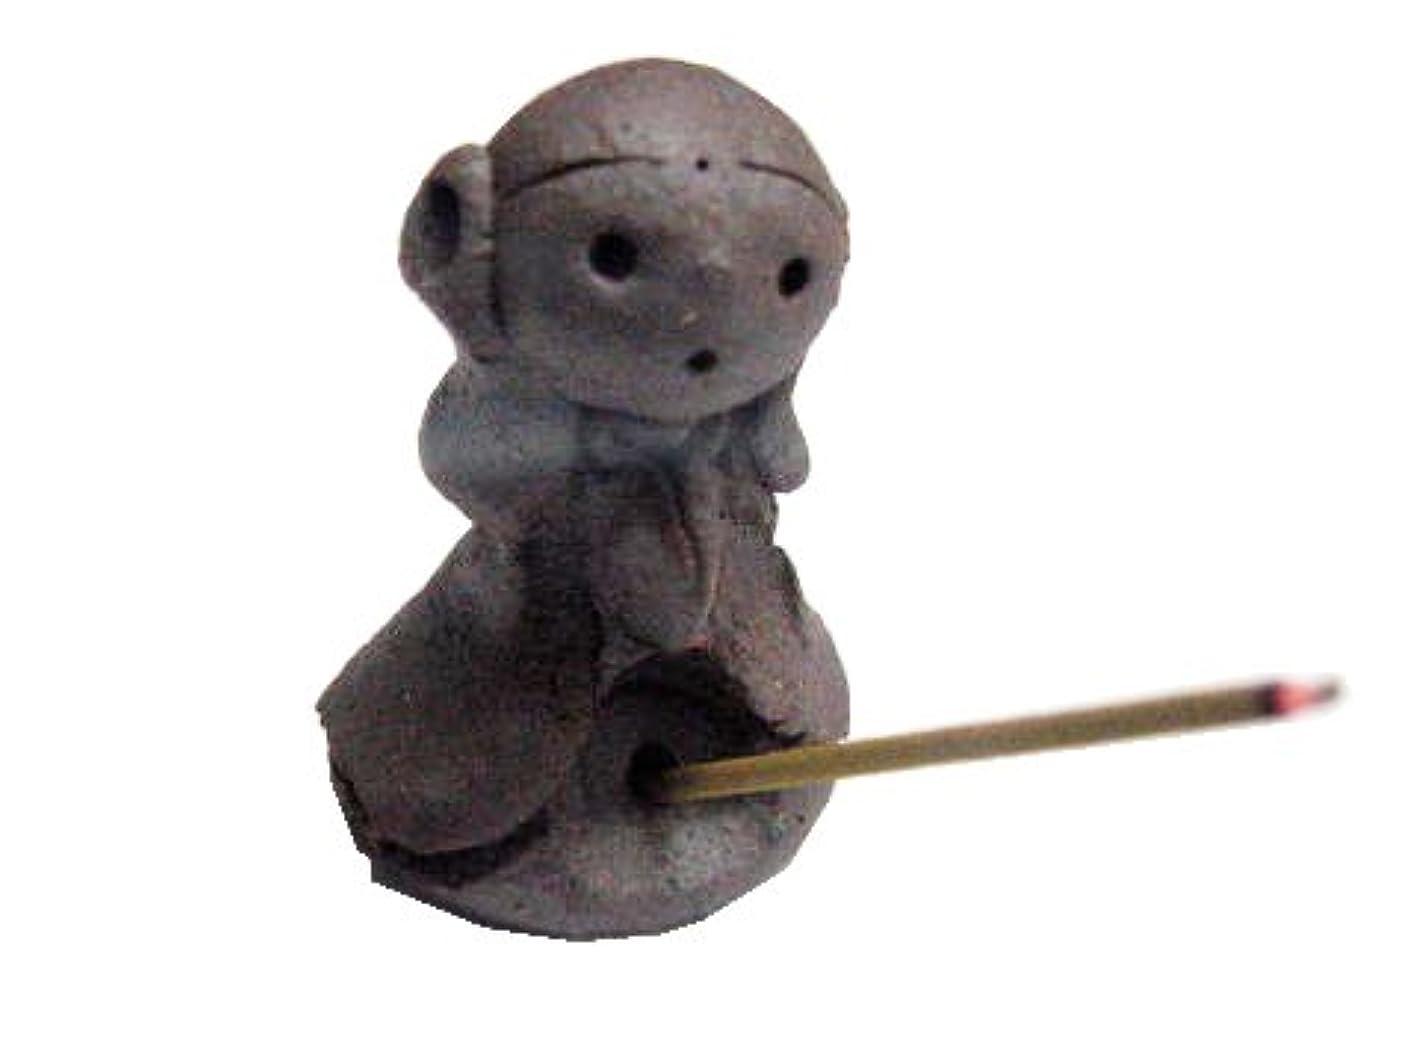 ワーディアンケース学んだダース淡路梅薫堂の可愛い幸せを呼ぶお地蔵様のお香立て スティック コーン かわいい incense stick cones holder #433